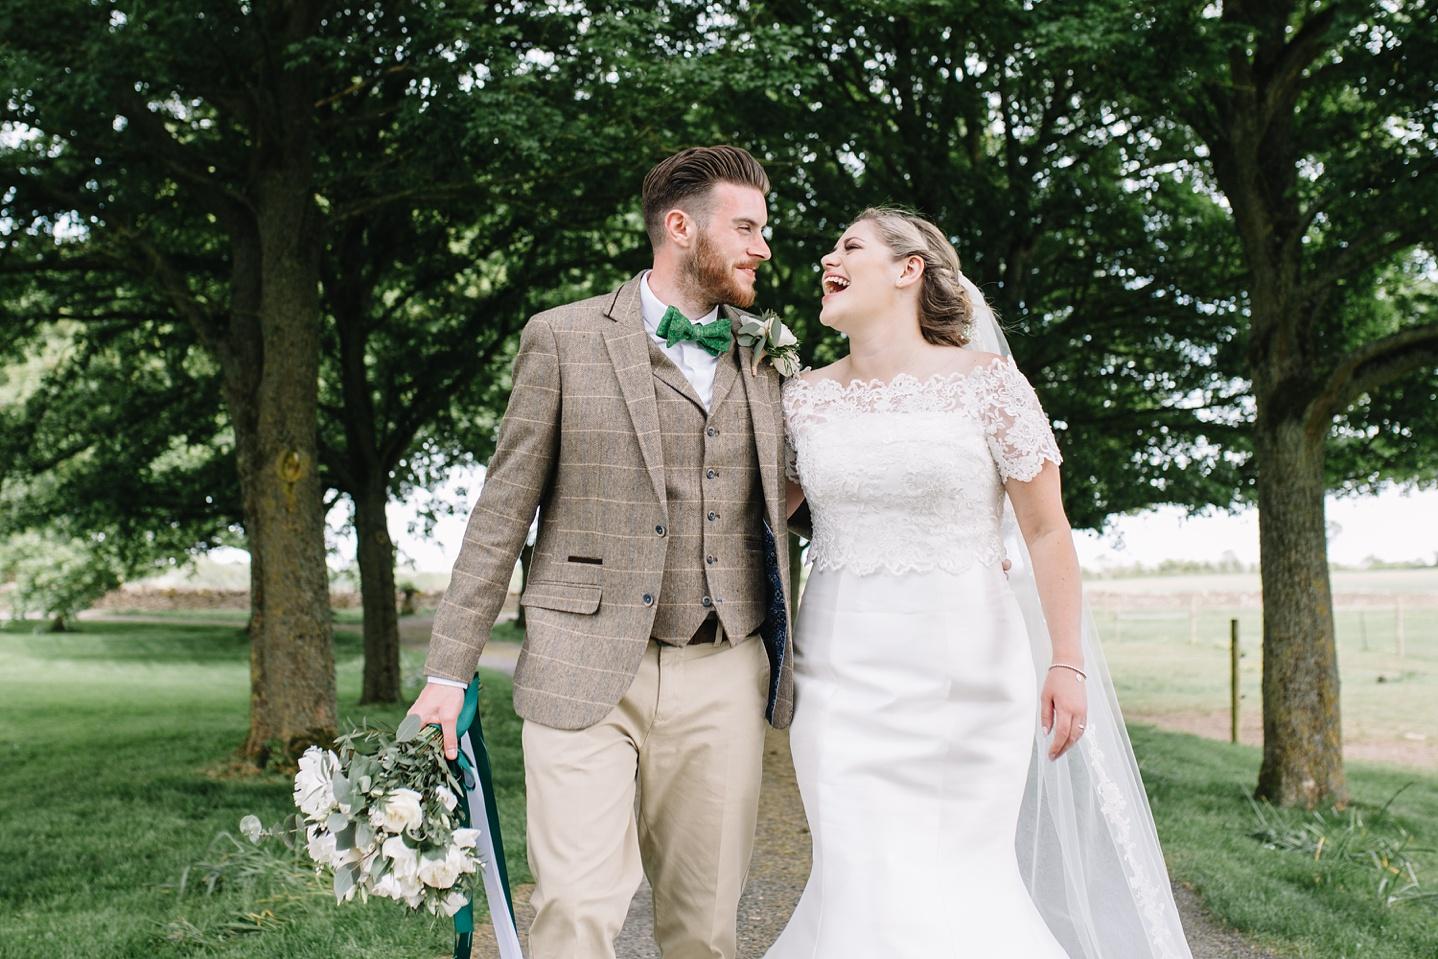 Oxleaze-Barn-Wedding-Photographer_0093.jpg